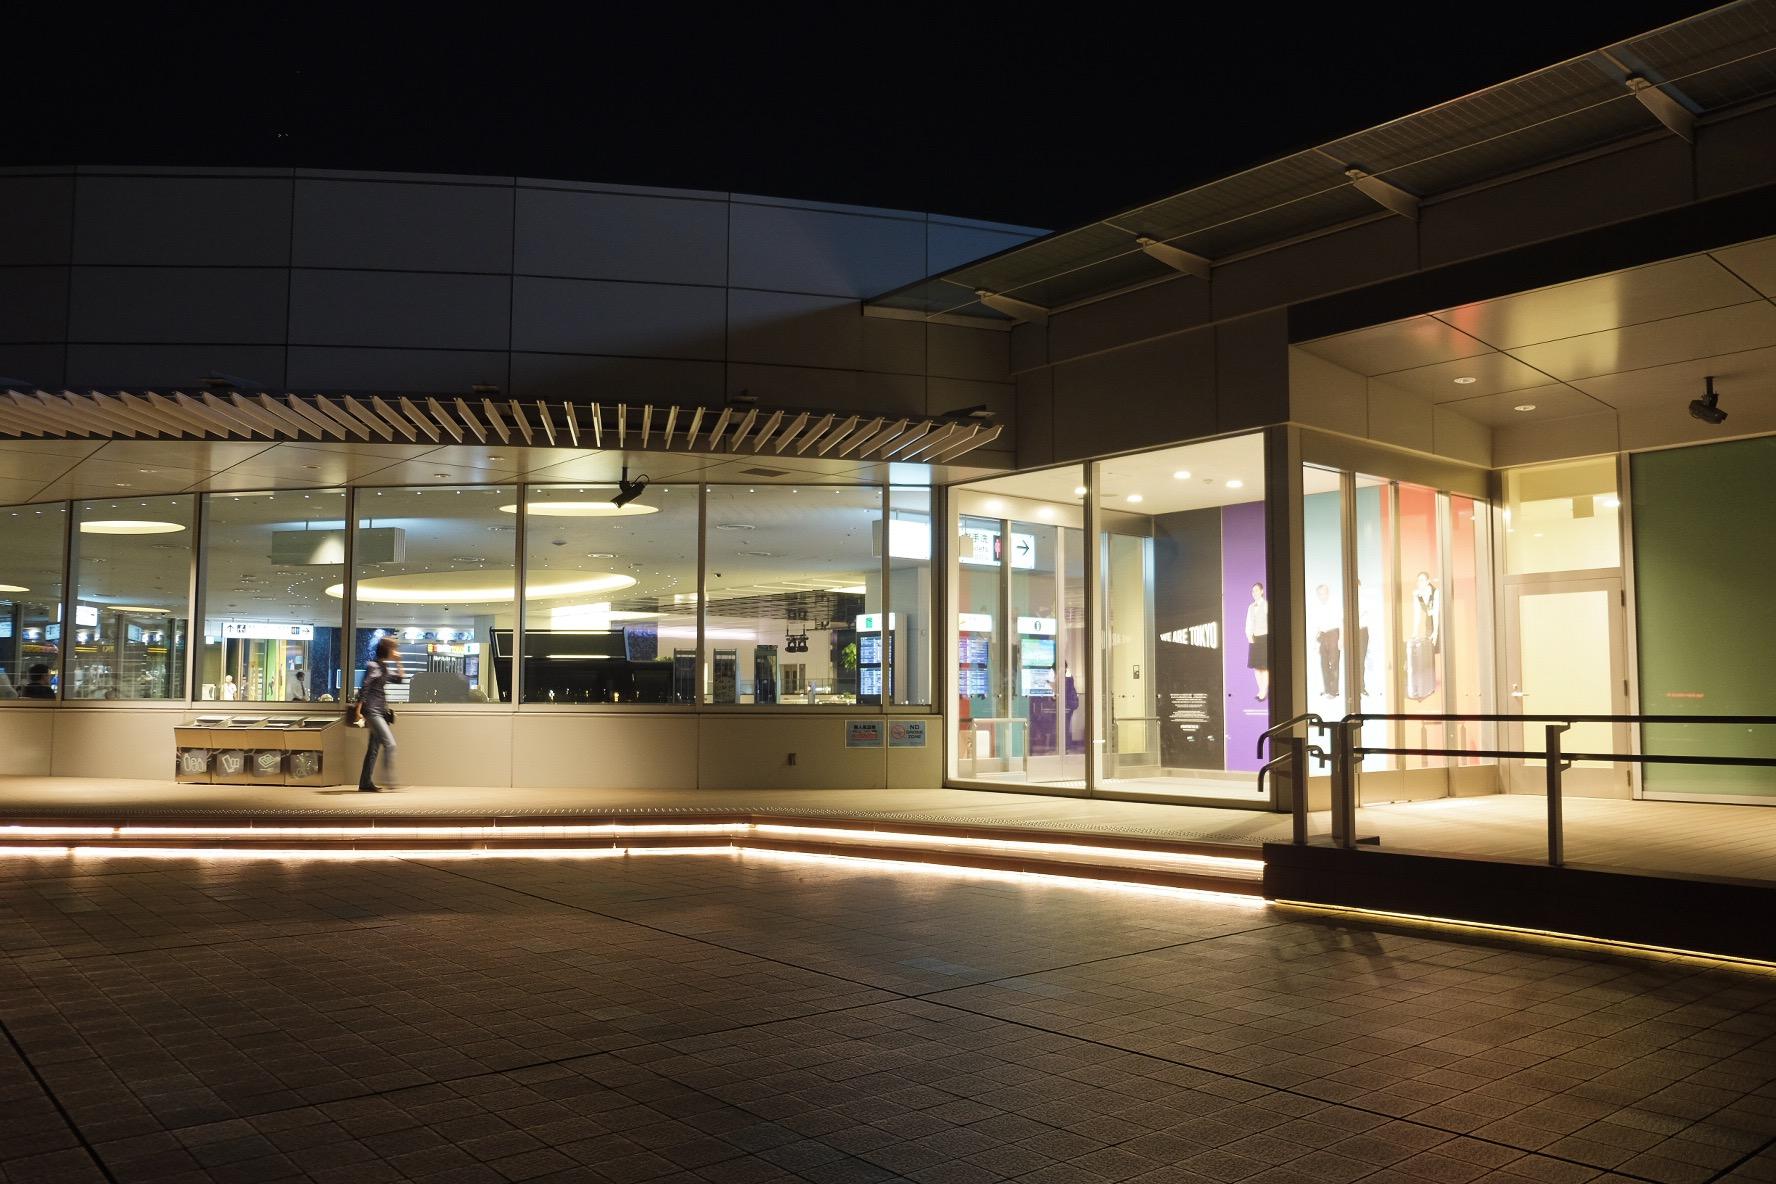 羽田空港国際線ターミナル。展望デッキで深夜を過ごす